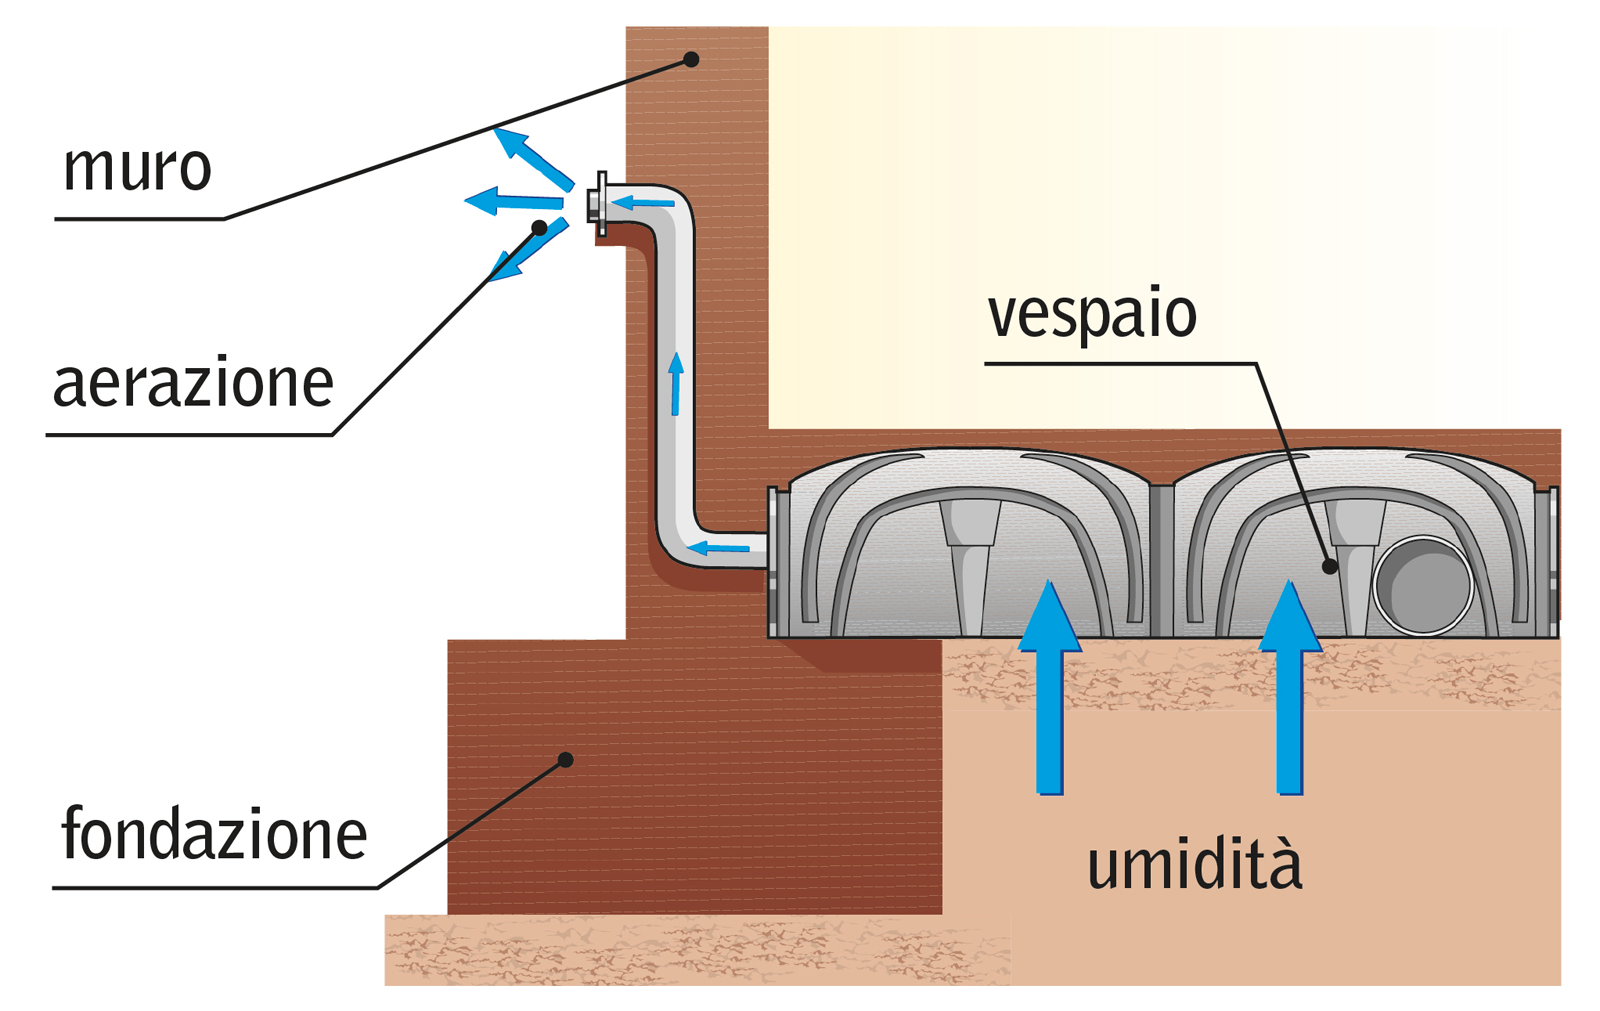 Vespai estudio de proyectos edilicios consultora de seguridad e higiene tarlao geom gianpietro - Come eliminare l umidita in casa ...